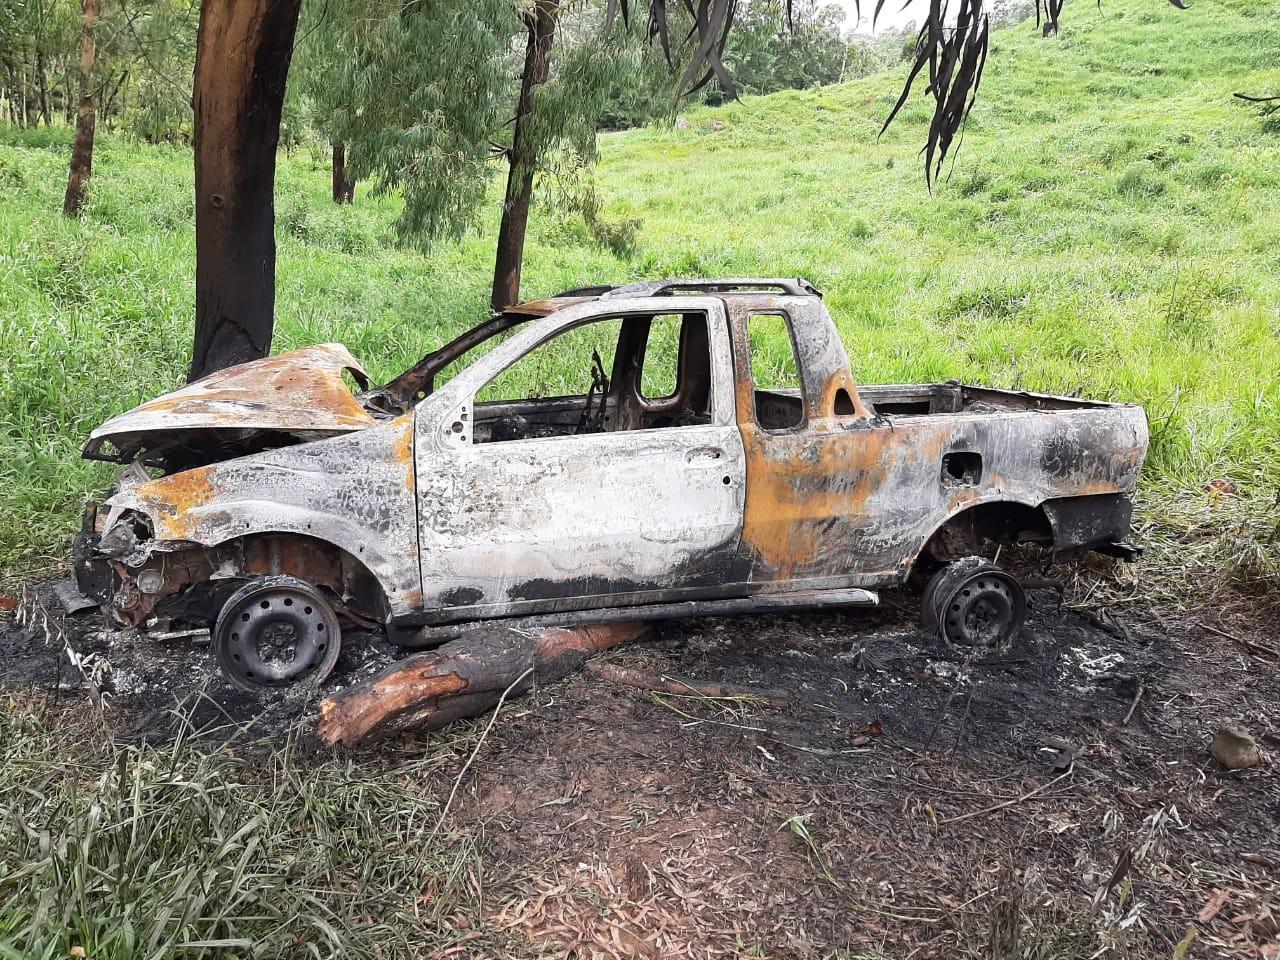 Duas pessoas são encontradas carbonizadas dentro de carro incendiado, em Guarapuava